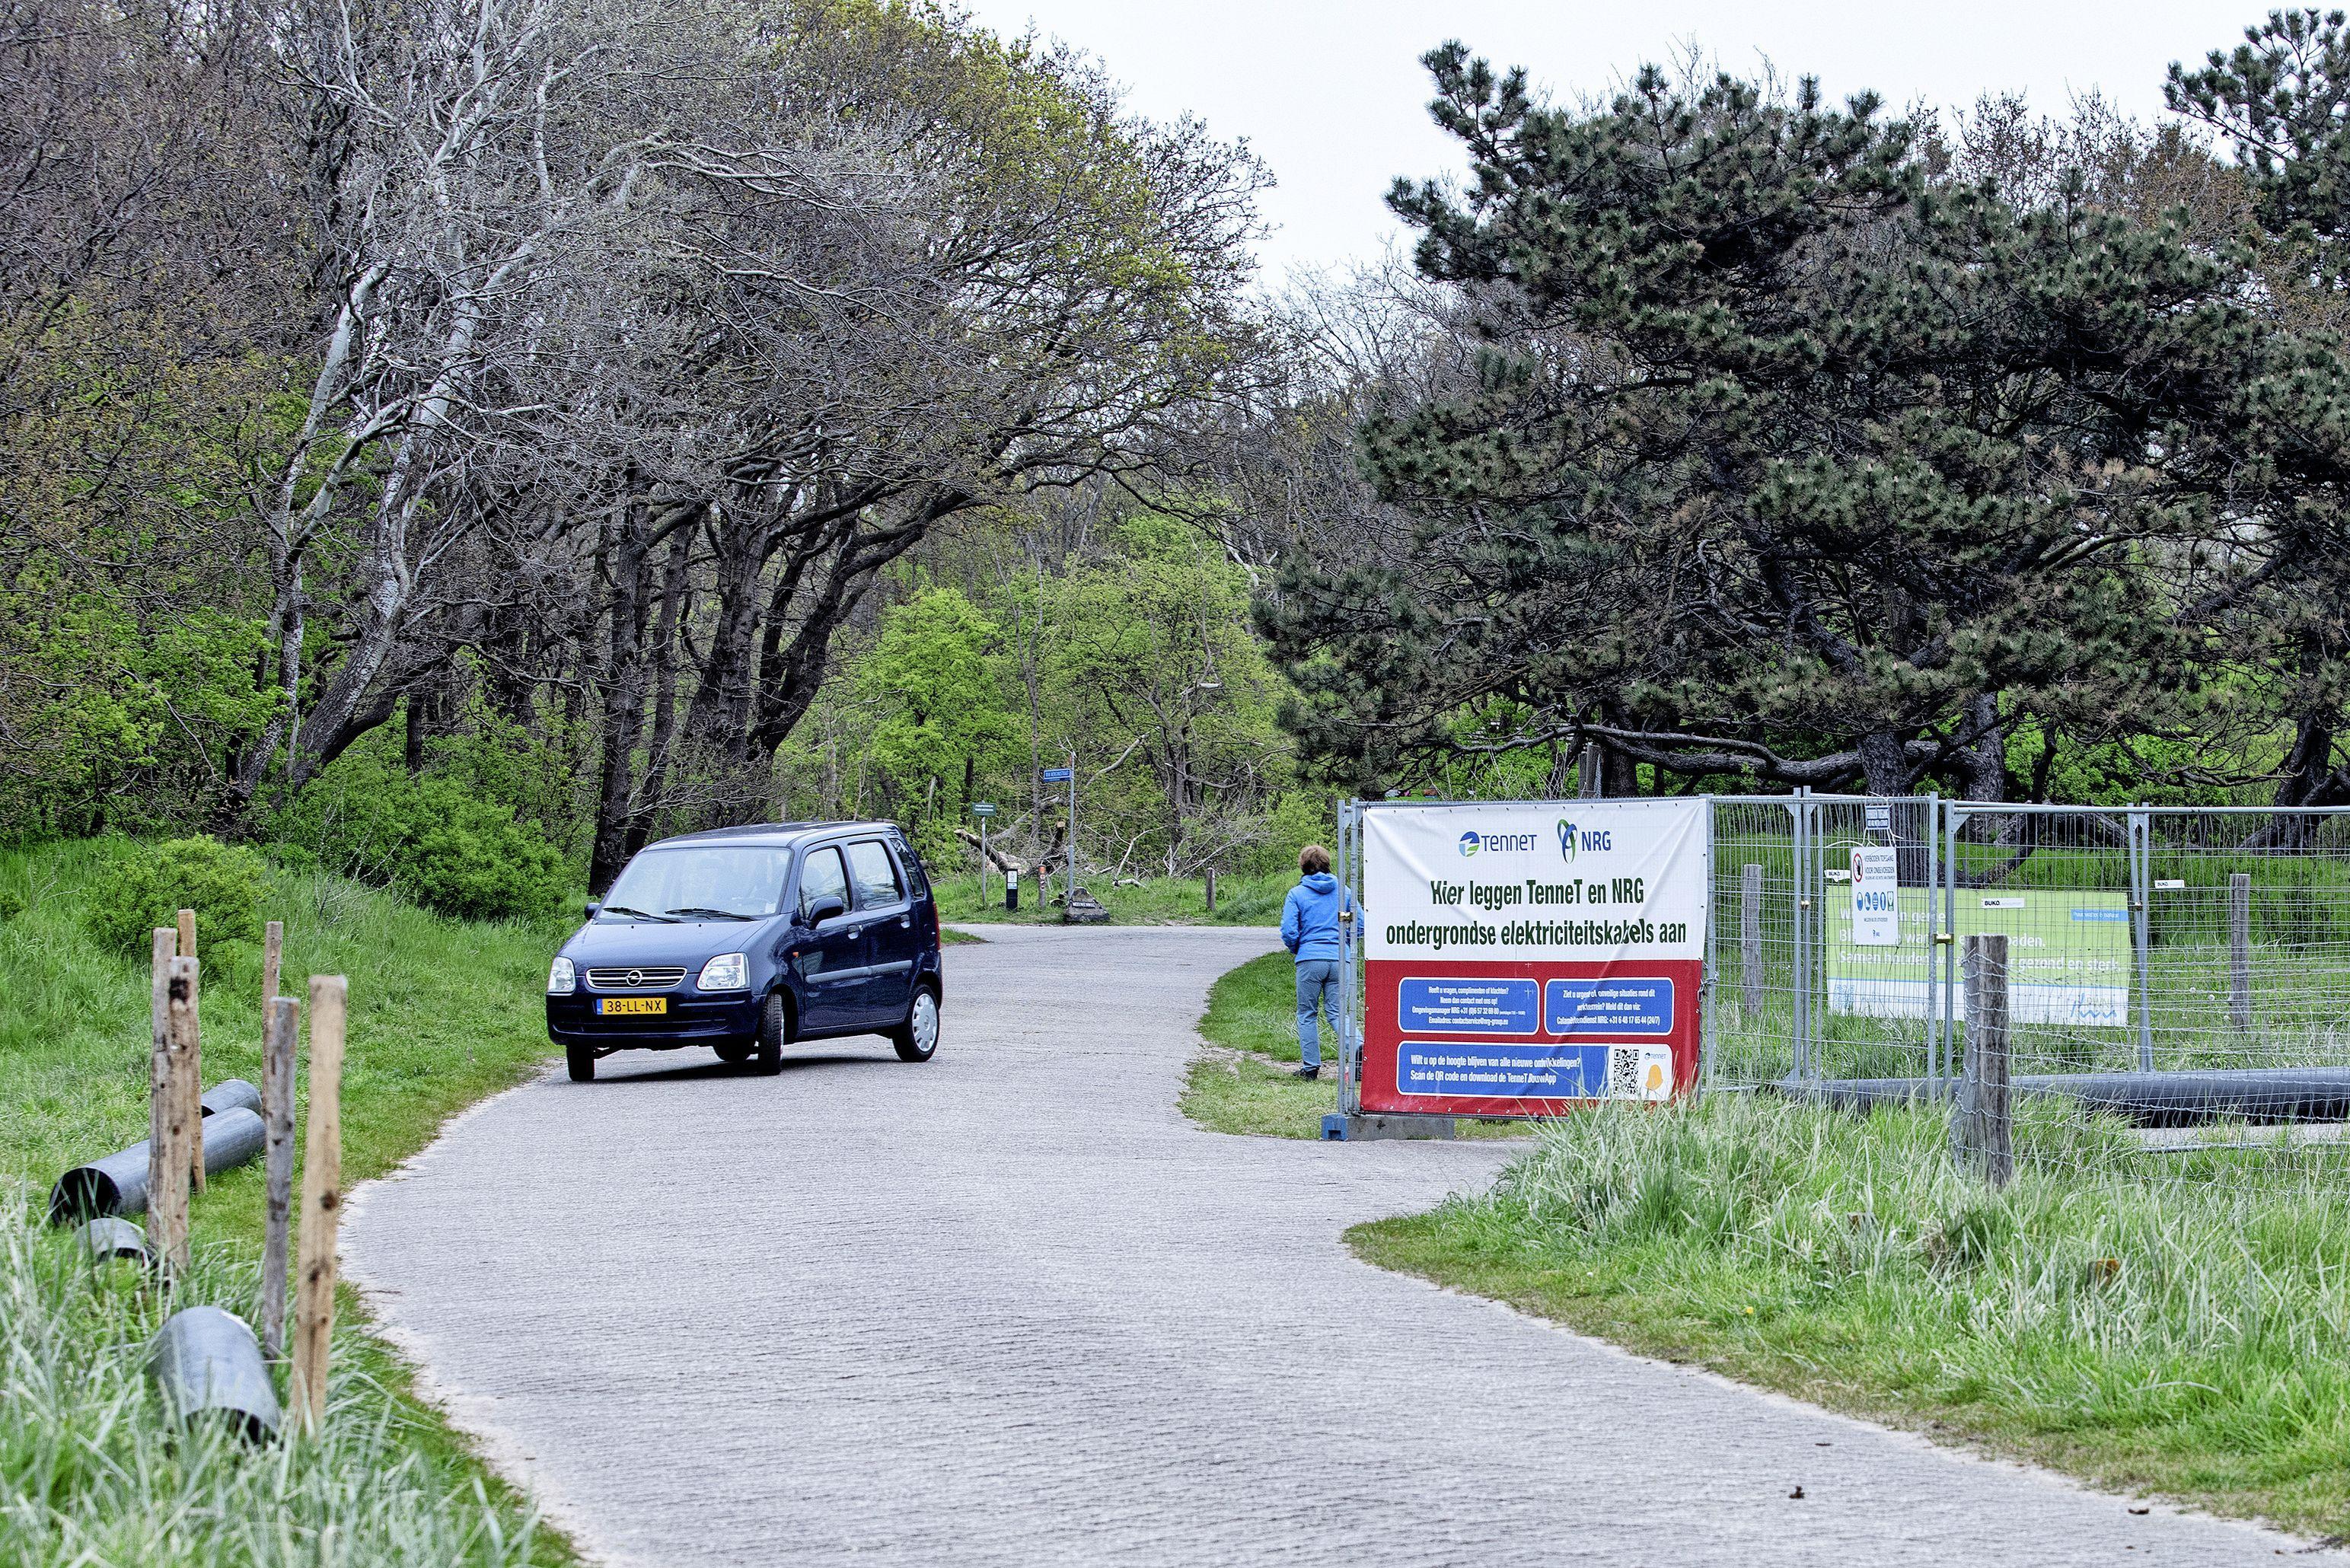 Duinparkeerplaats Meeuweweg in Wijk aan Zee gesloten; parkeerdruk in omliggende straten flink omhoog. PWN wil en nieuwe, kleinere parking aan de overkant van de oude aanleggen.